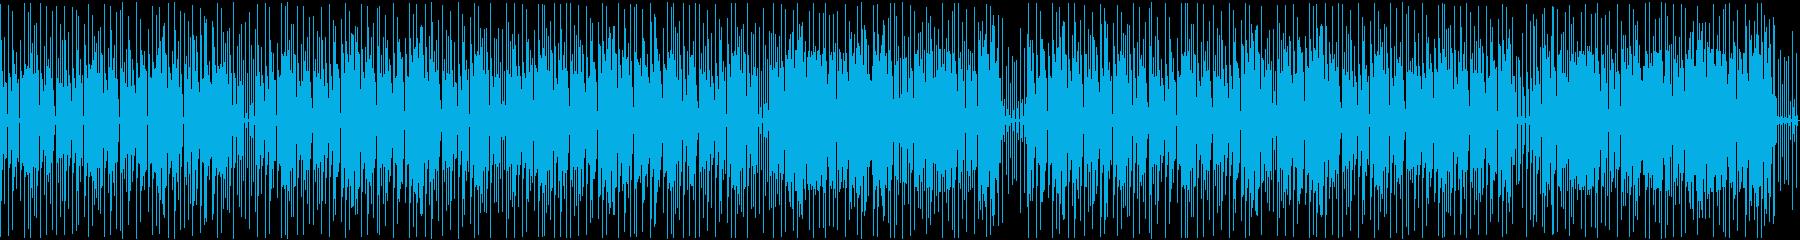 歯切れ良く軽快なビートを刻む2step曲の再生済みの波形